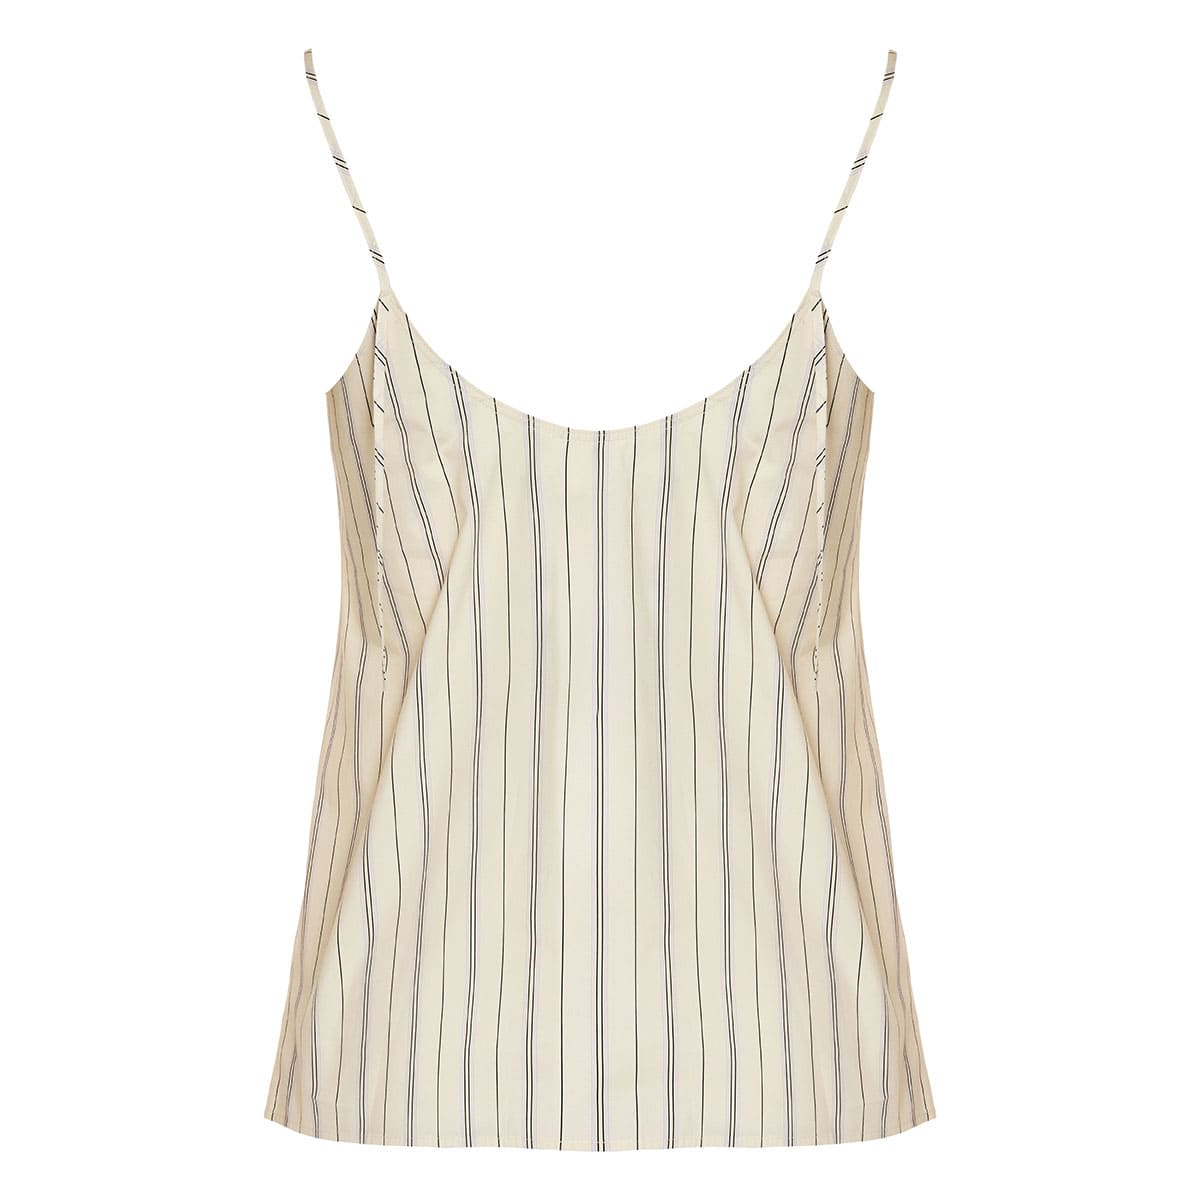 Striped cotton slip top